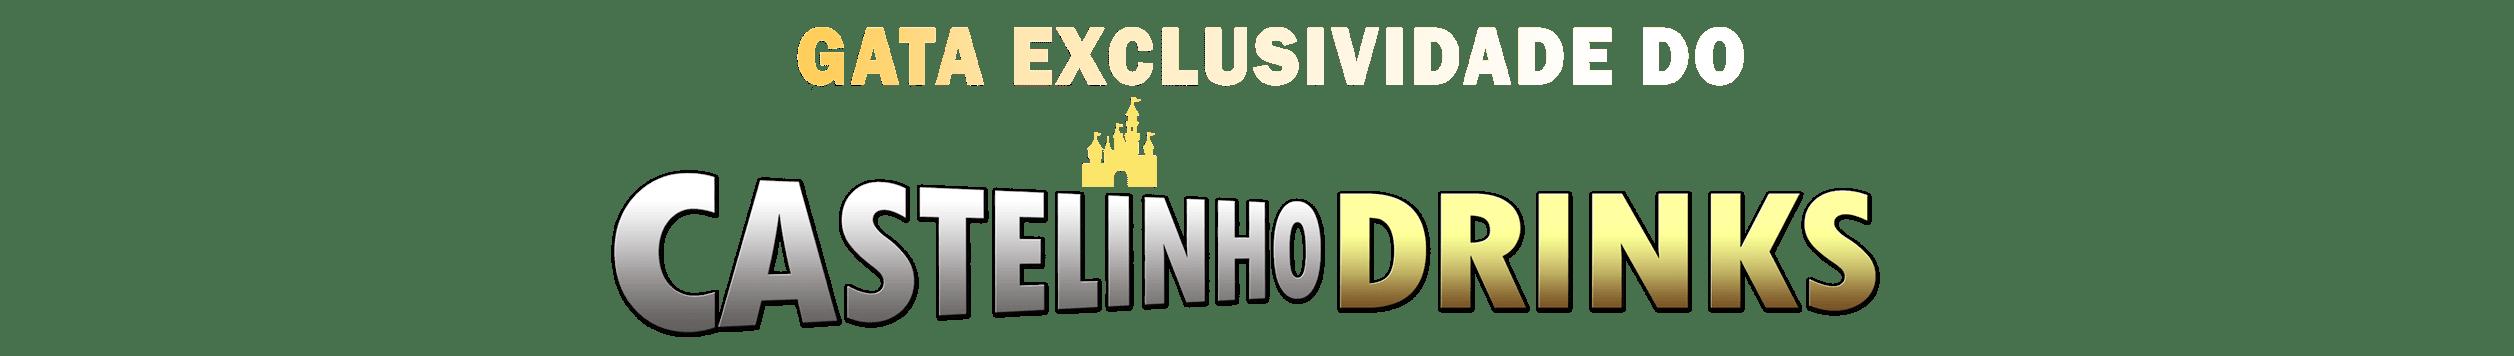 CASTELINHO-LOGO DUDINHA